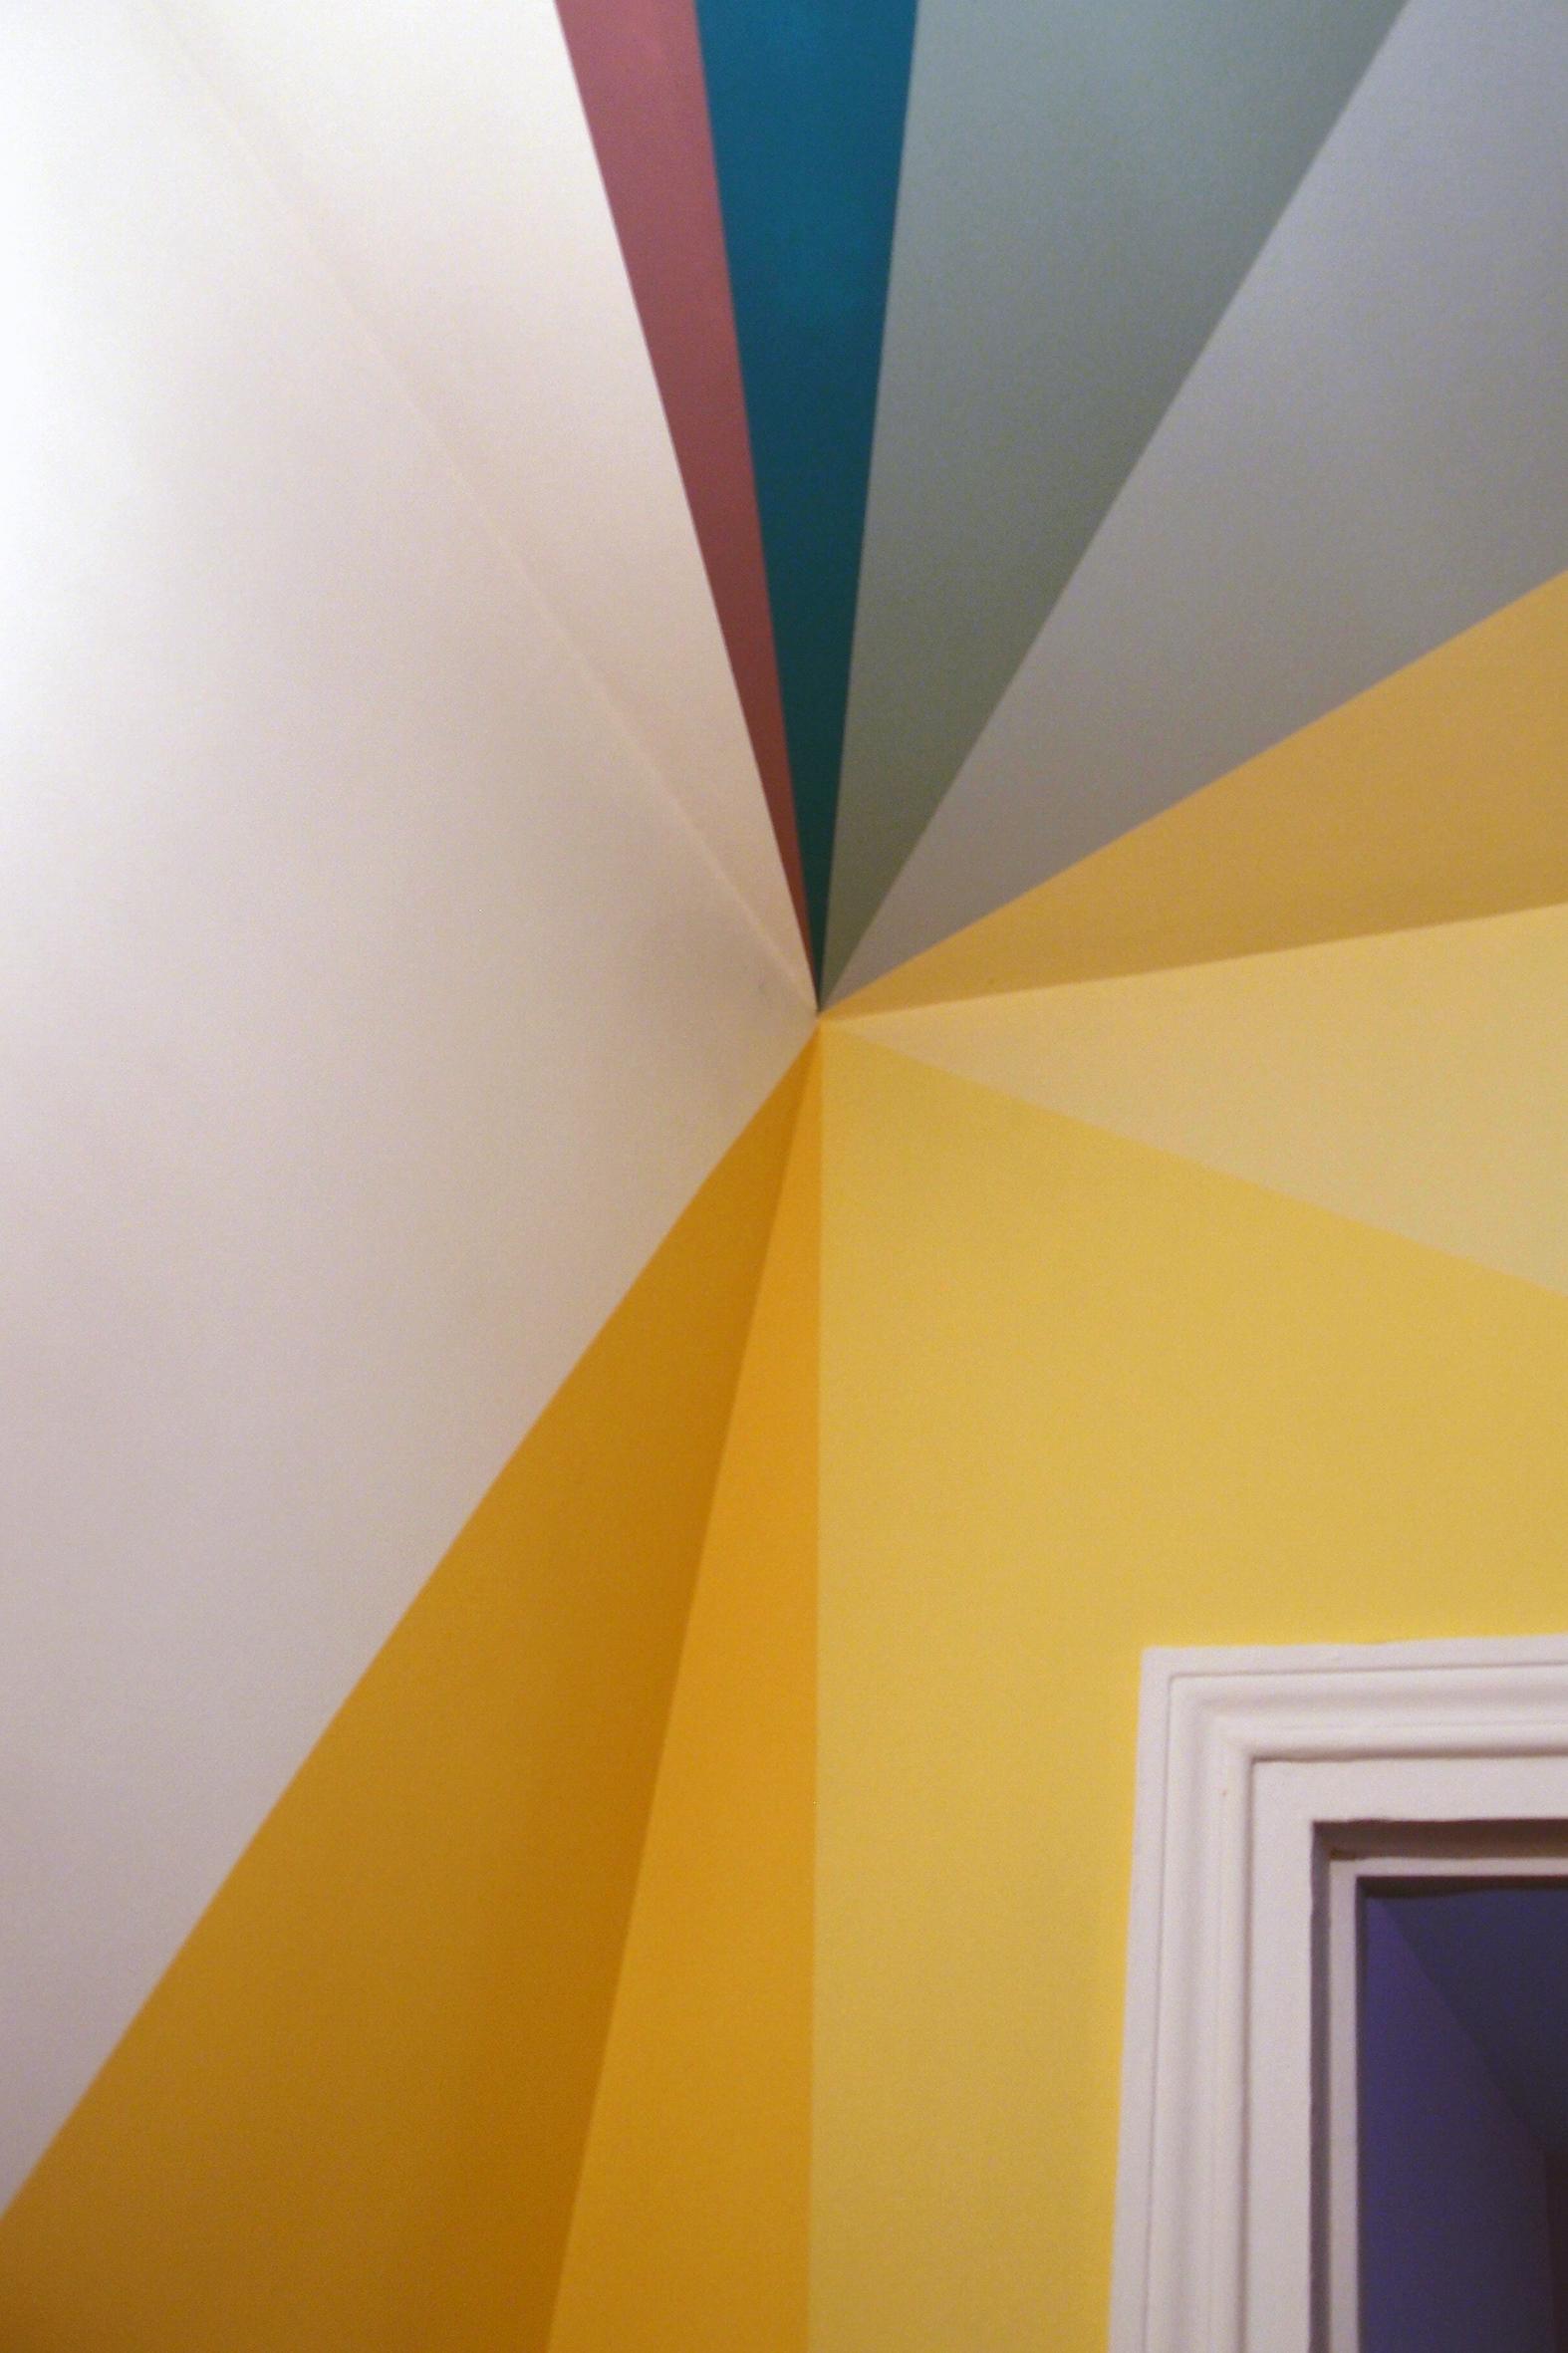 Spectrum #2 (wallsandwonders.com)